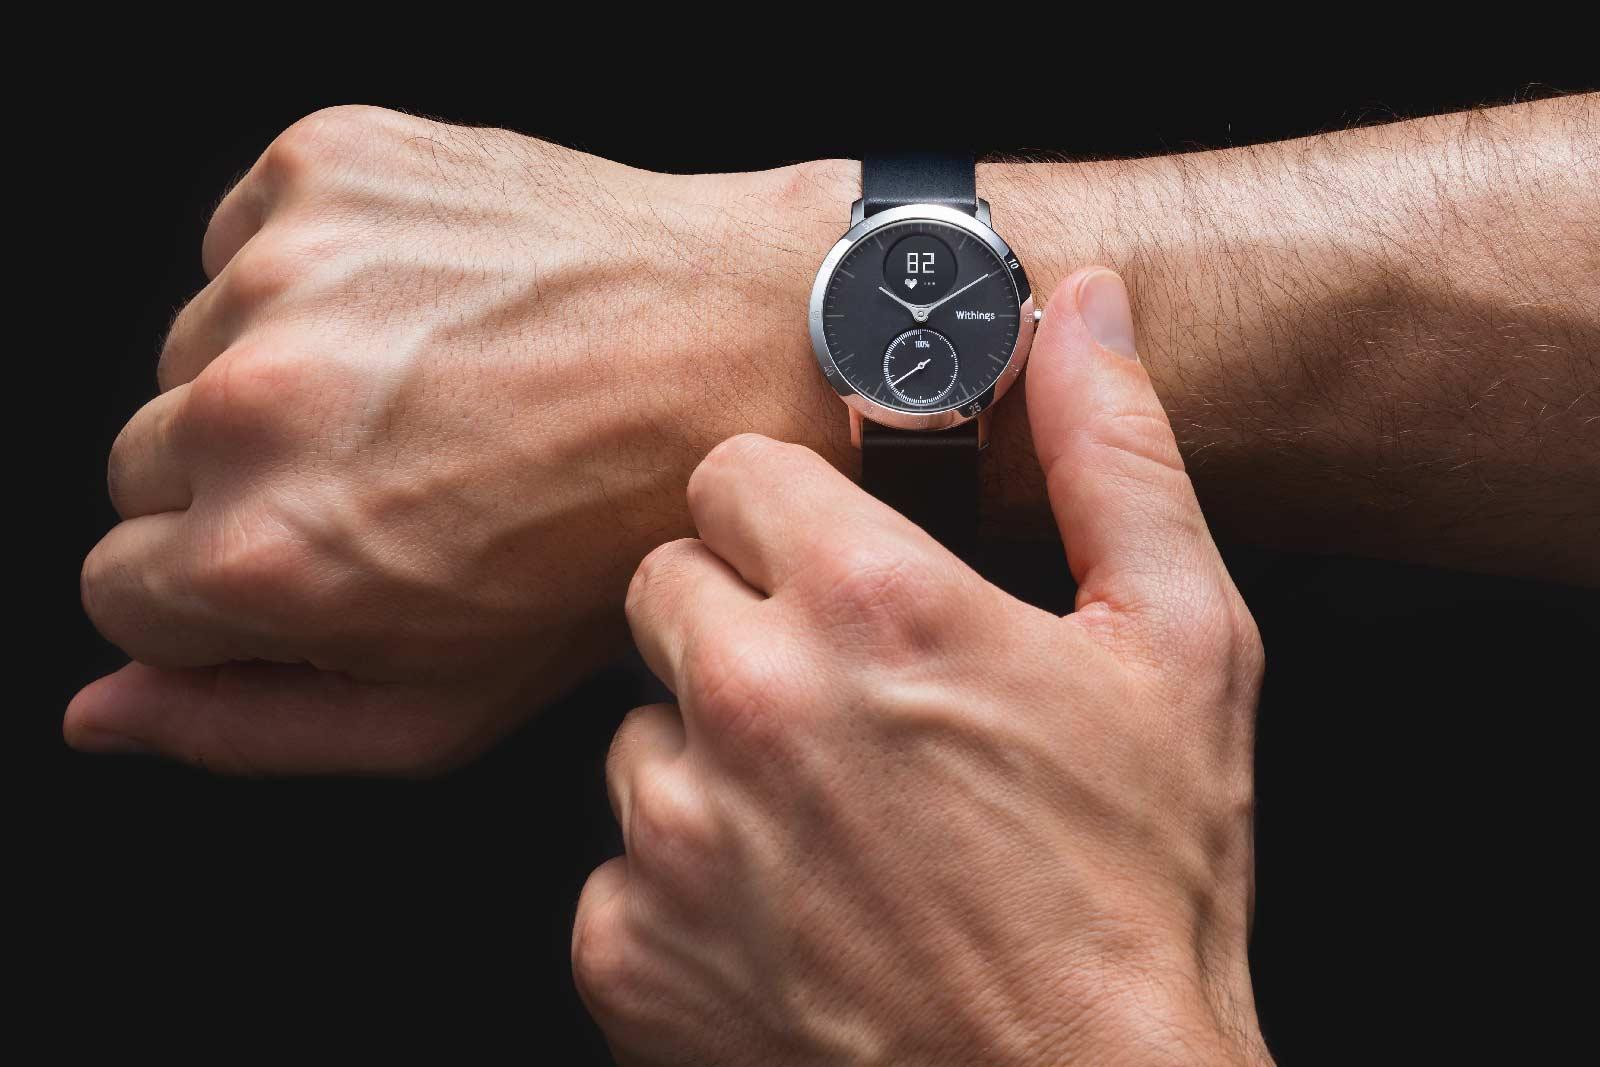 Thiết bị theo dõi sức khỏe Fitbit